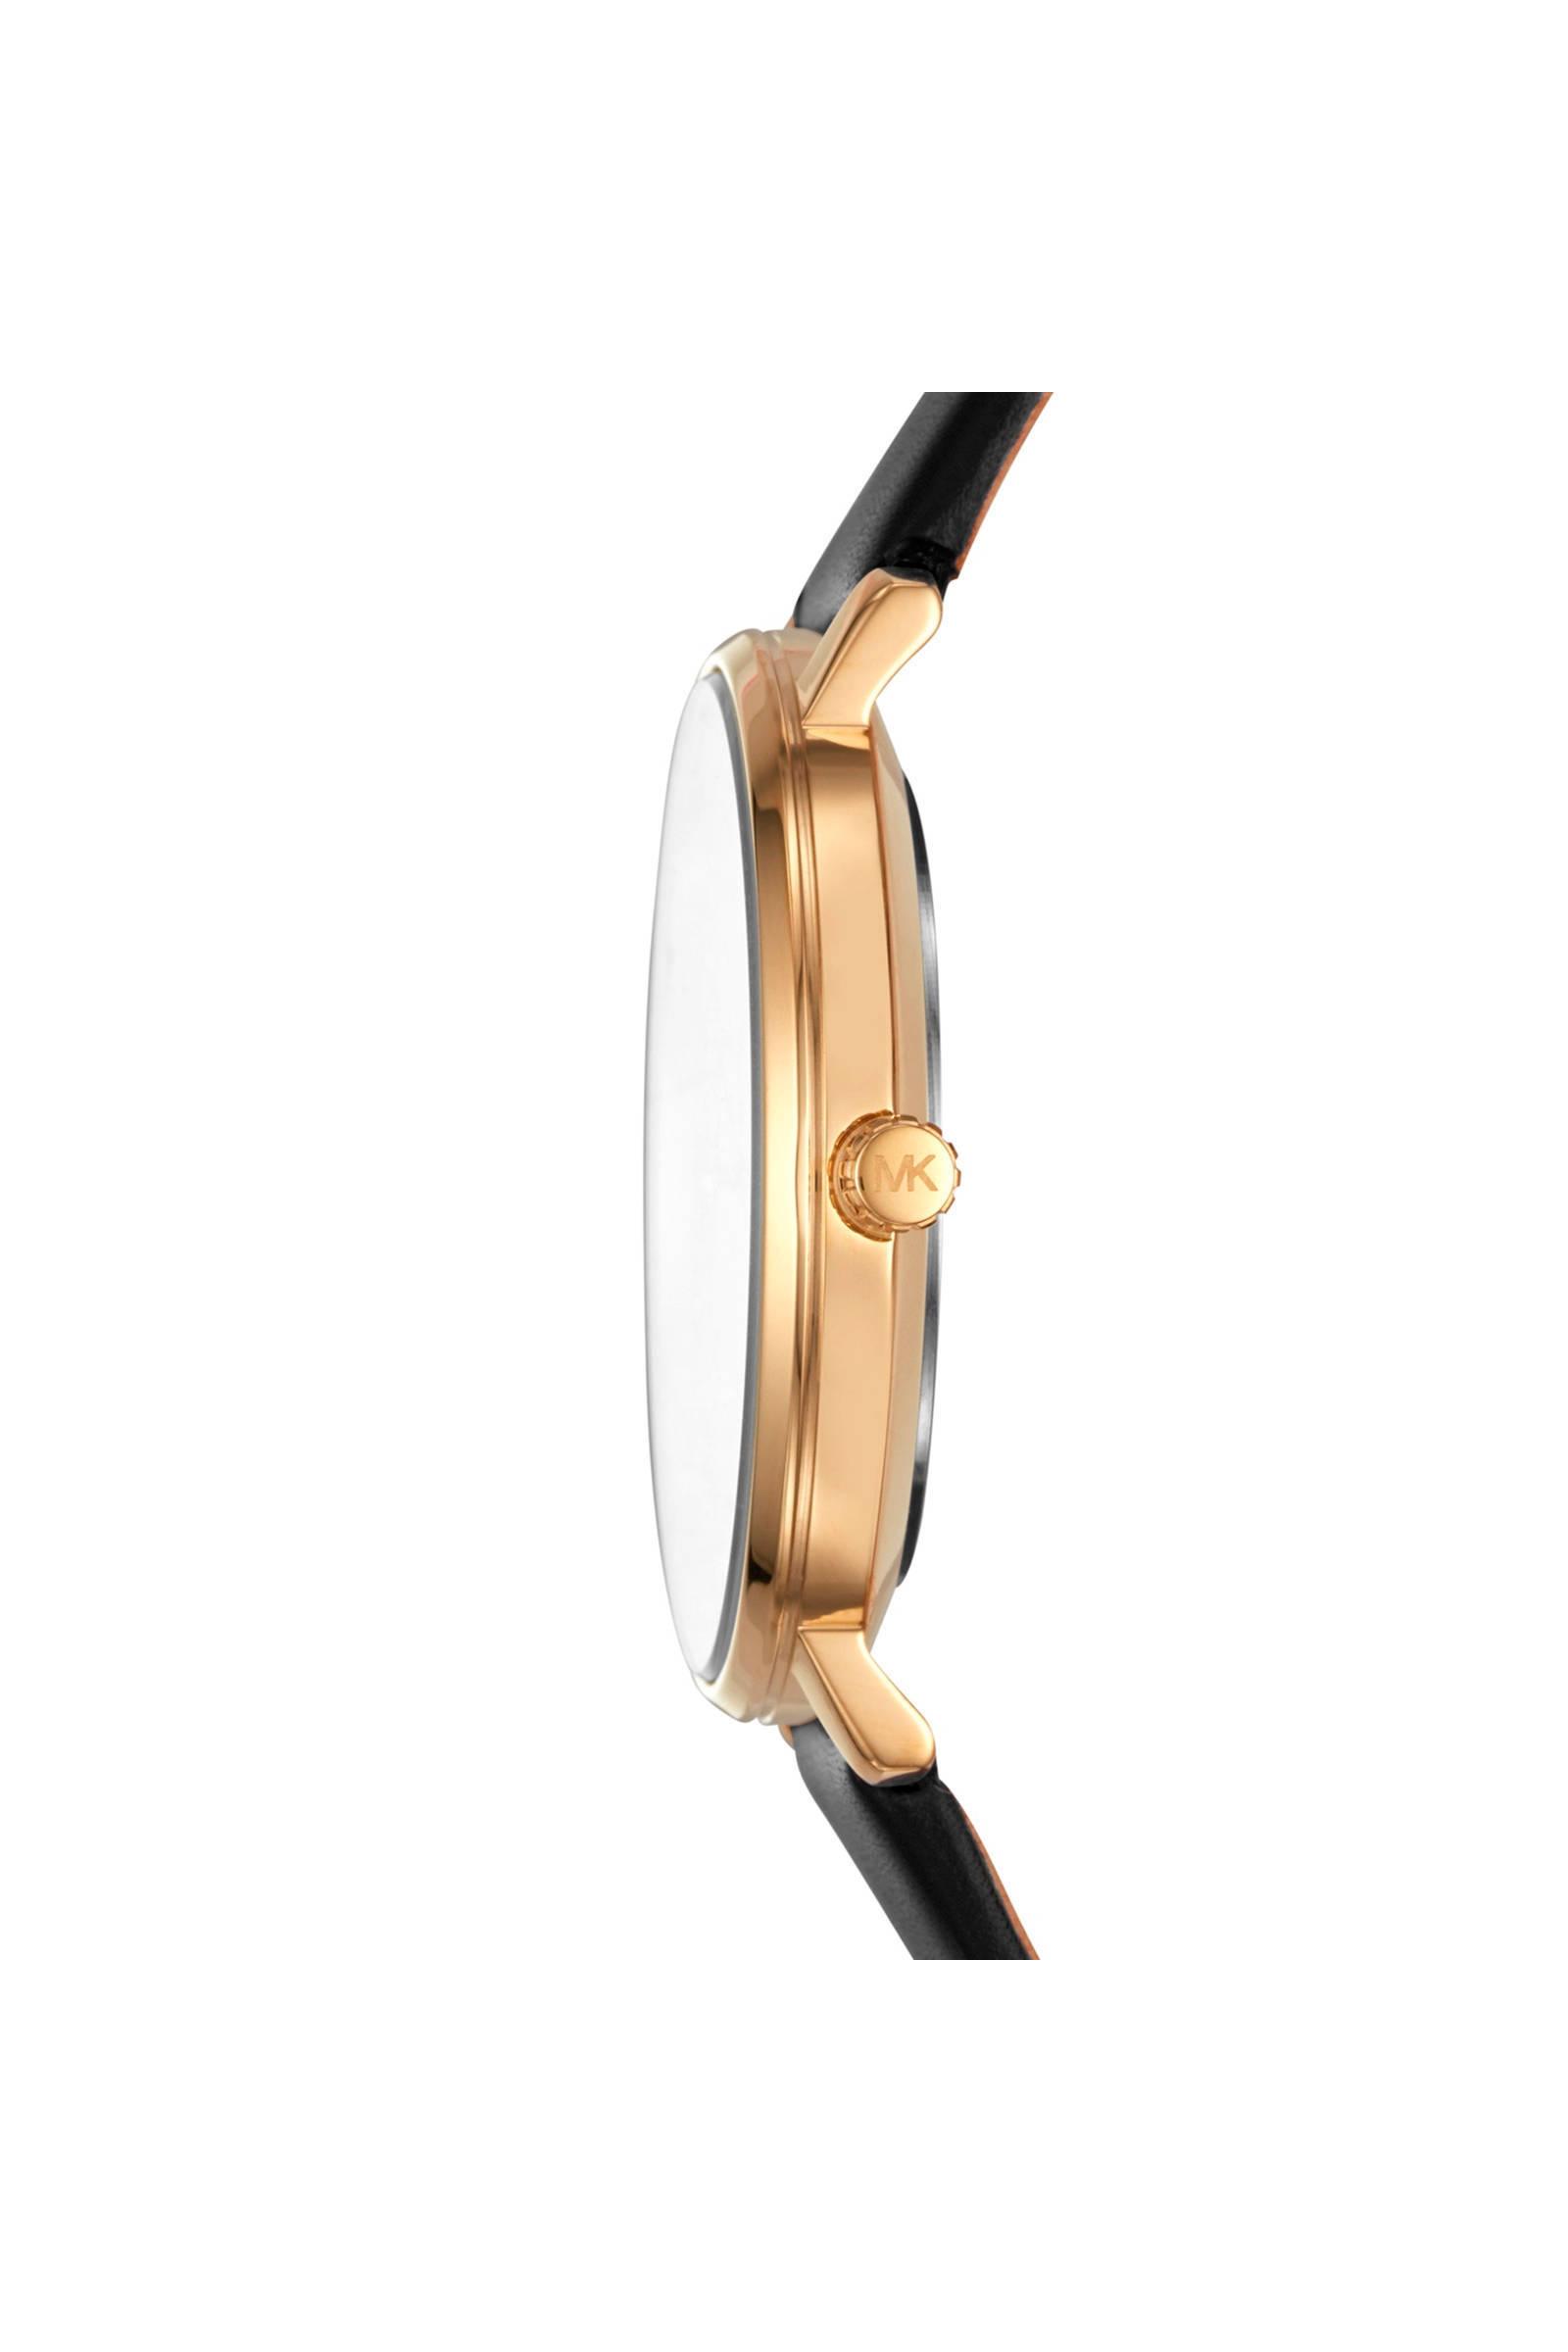 Michael Kors Pyper horloge MK2747 | wehkamp